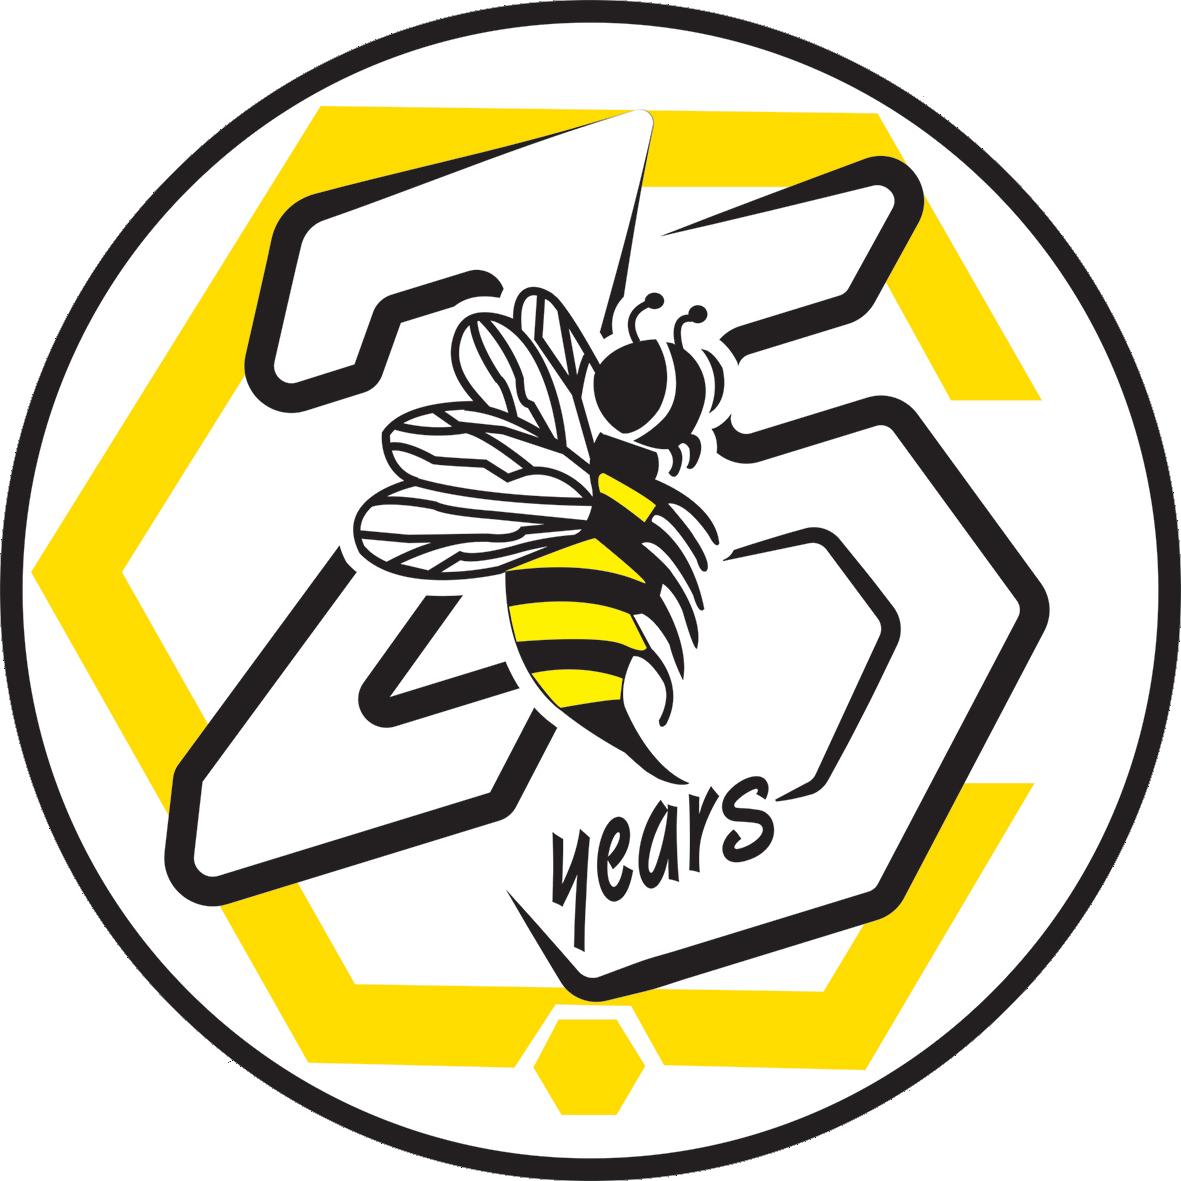 Çankaya 25. Year Logo